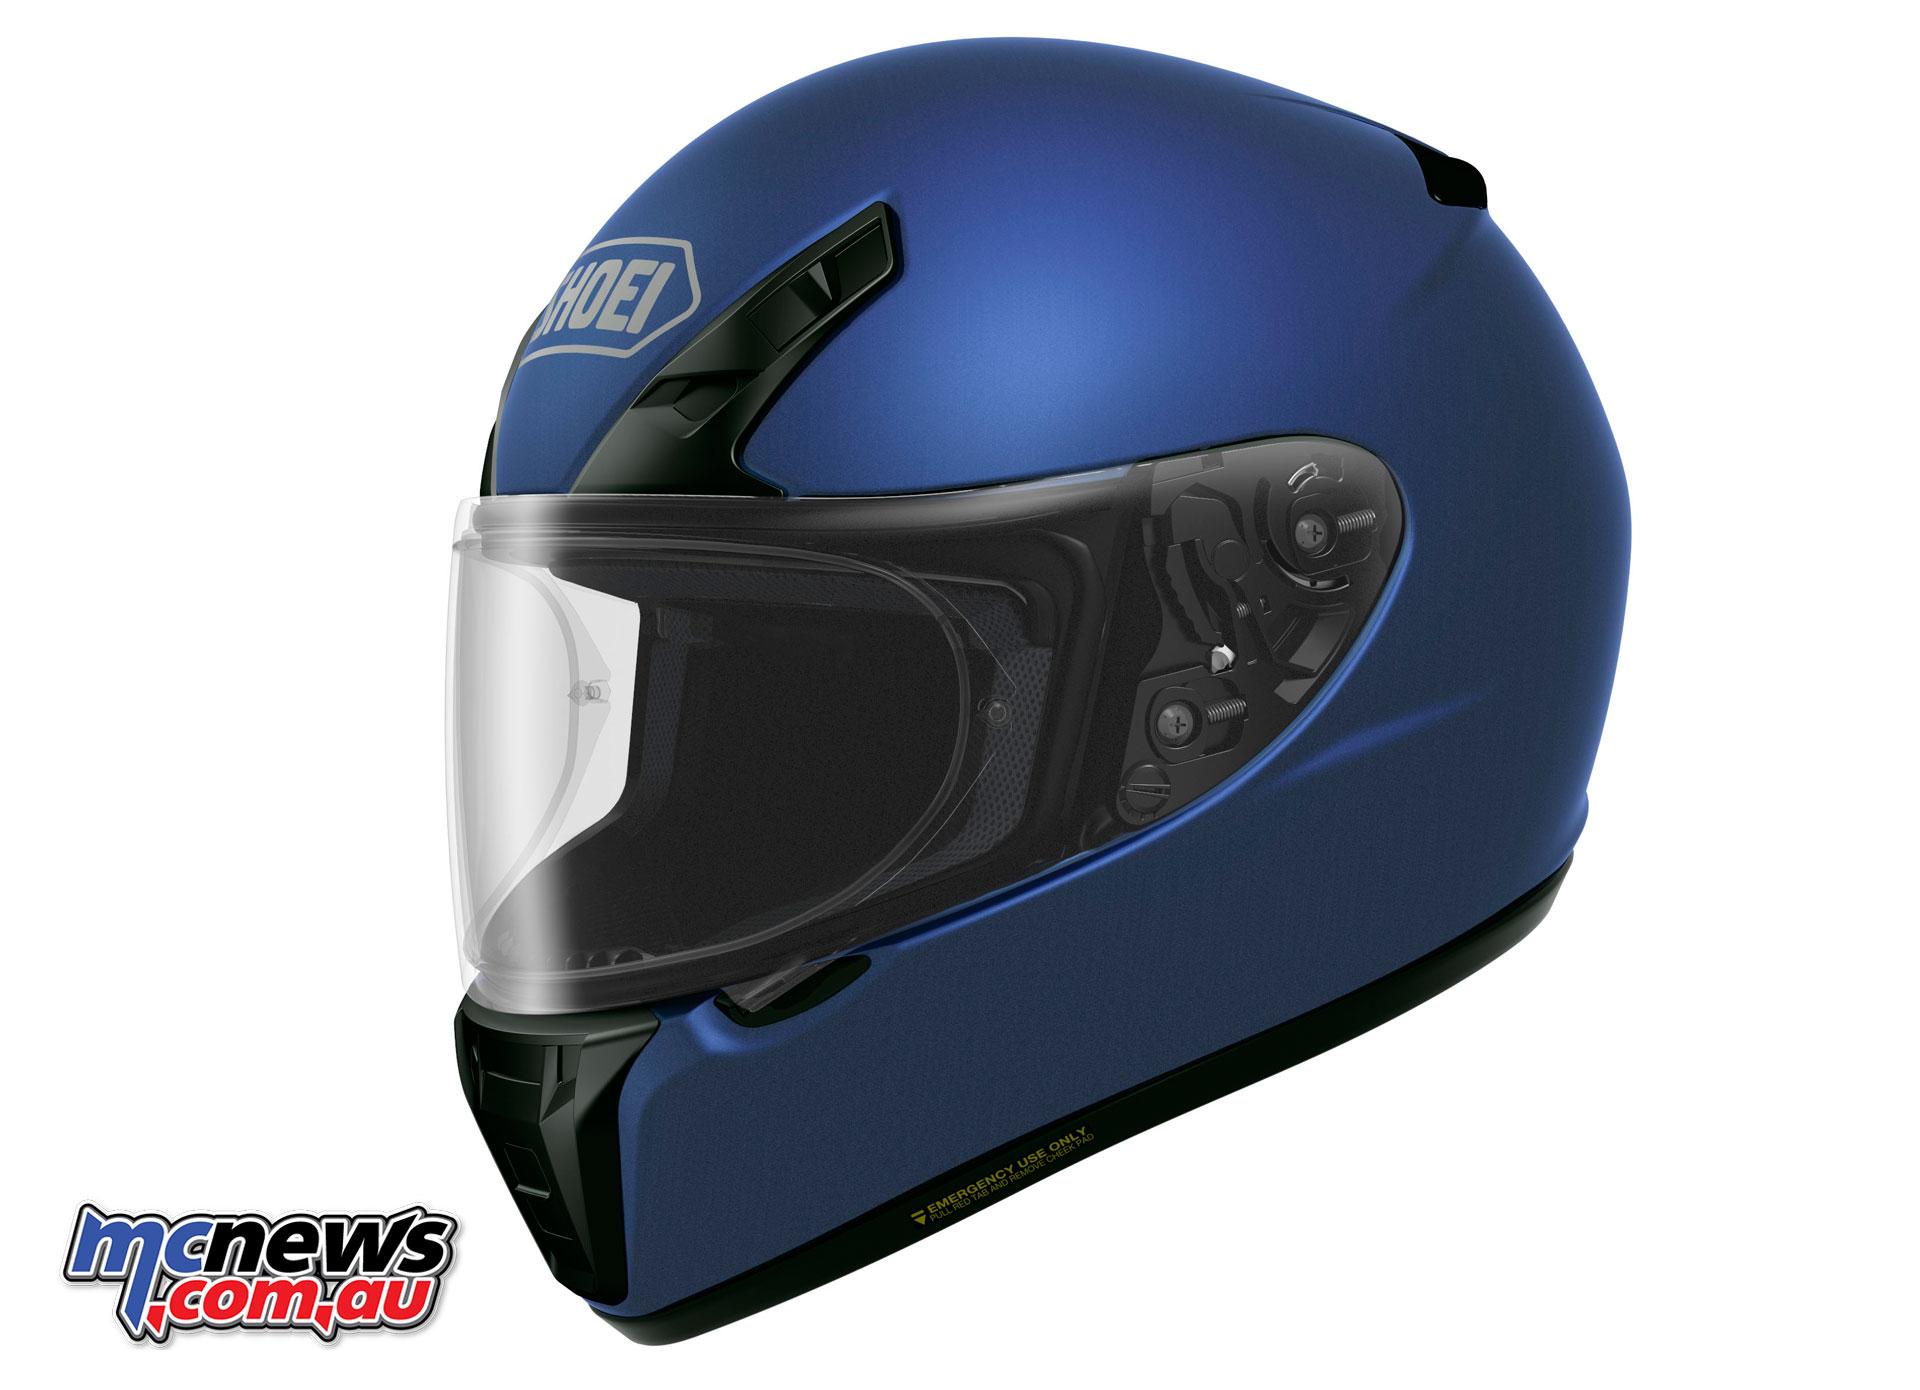 Shoei Mx 2018 >> Shoei unveil all new RYD helmet | Arriving April | MCNews.com.au